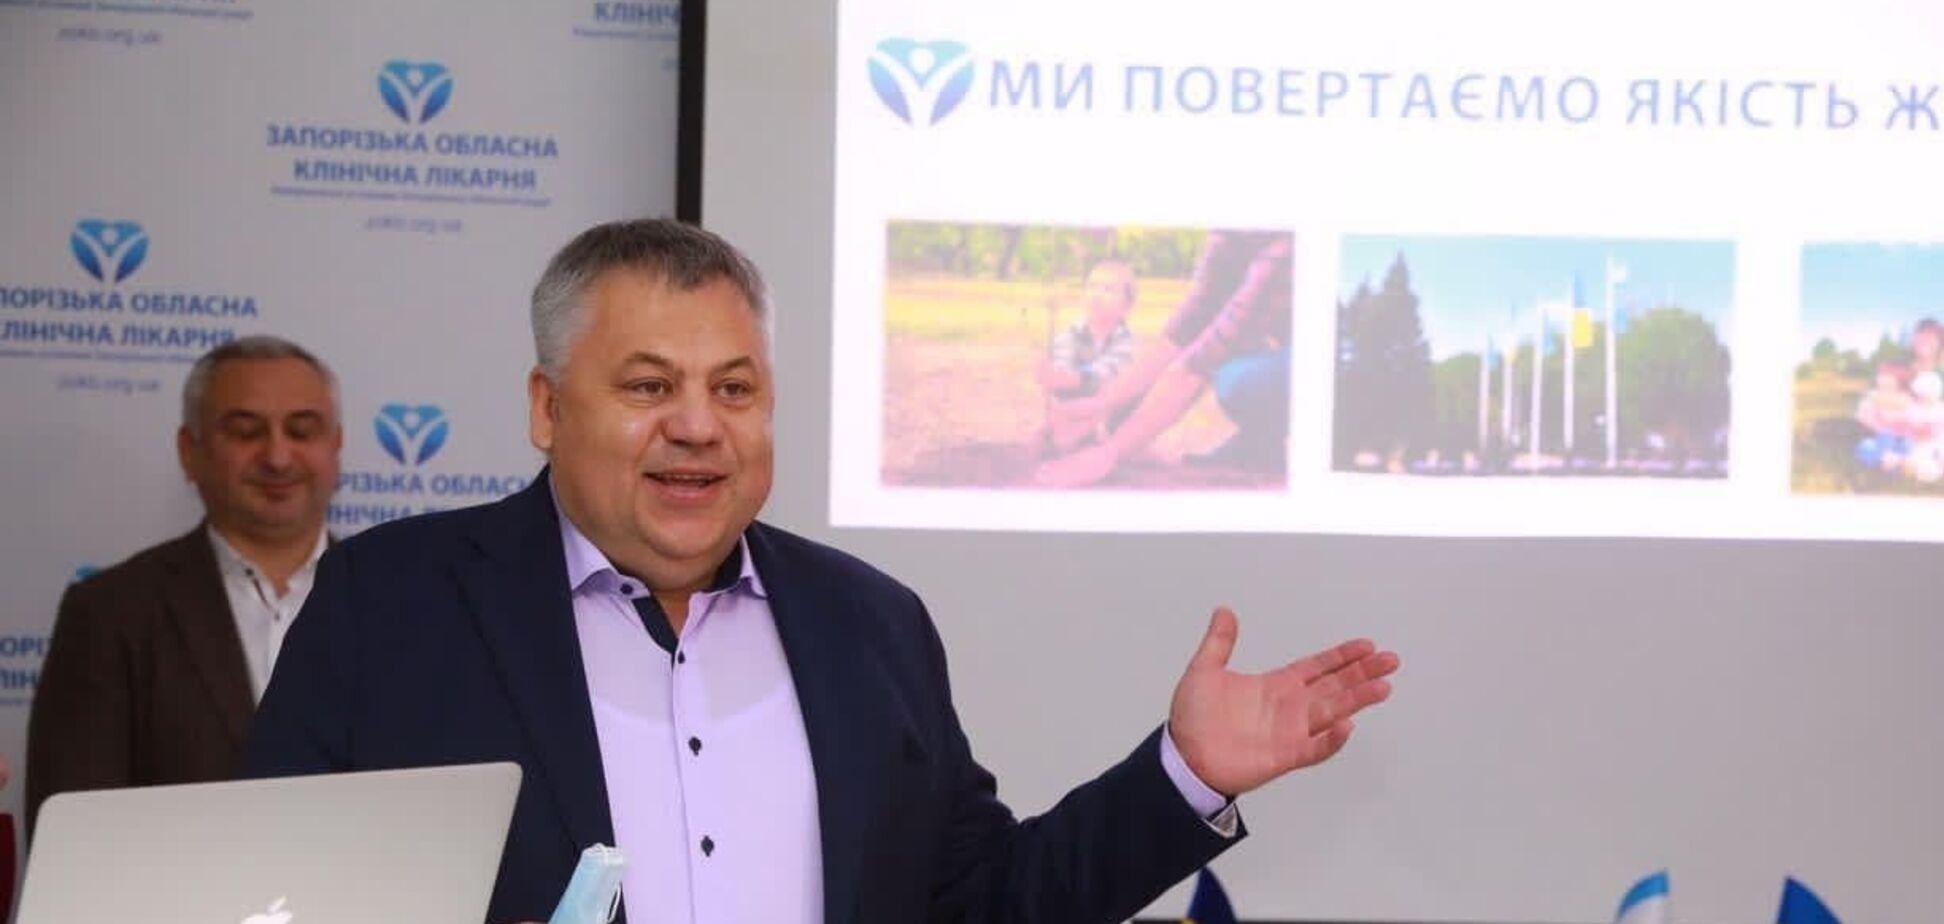 Виталий Боговин прокомментировал открытие центра телемедицины, созданного на базе Запорожской областной клинической больницы